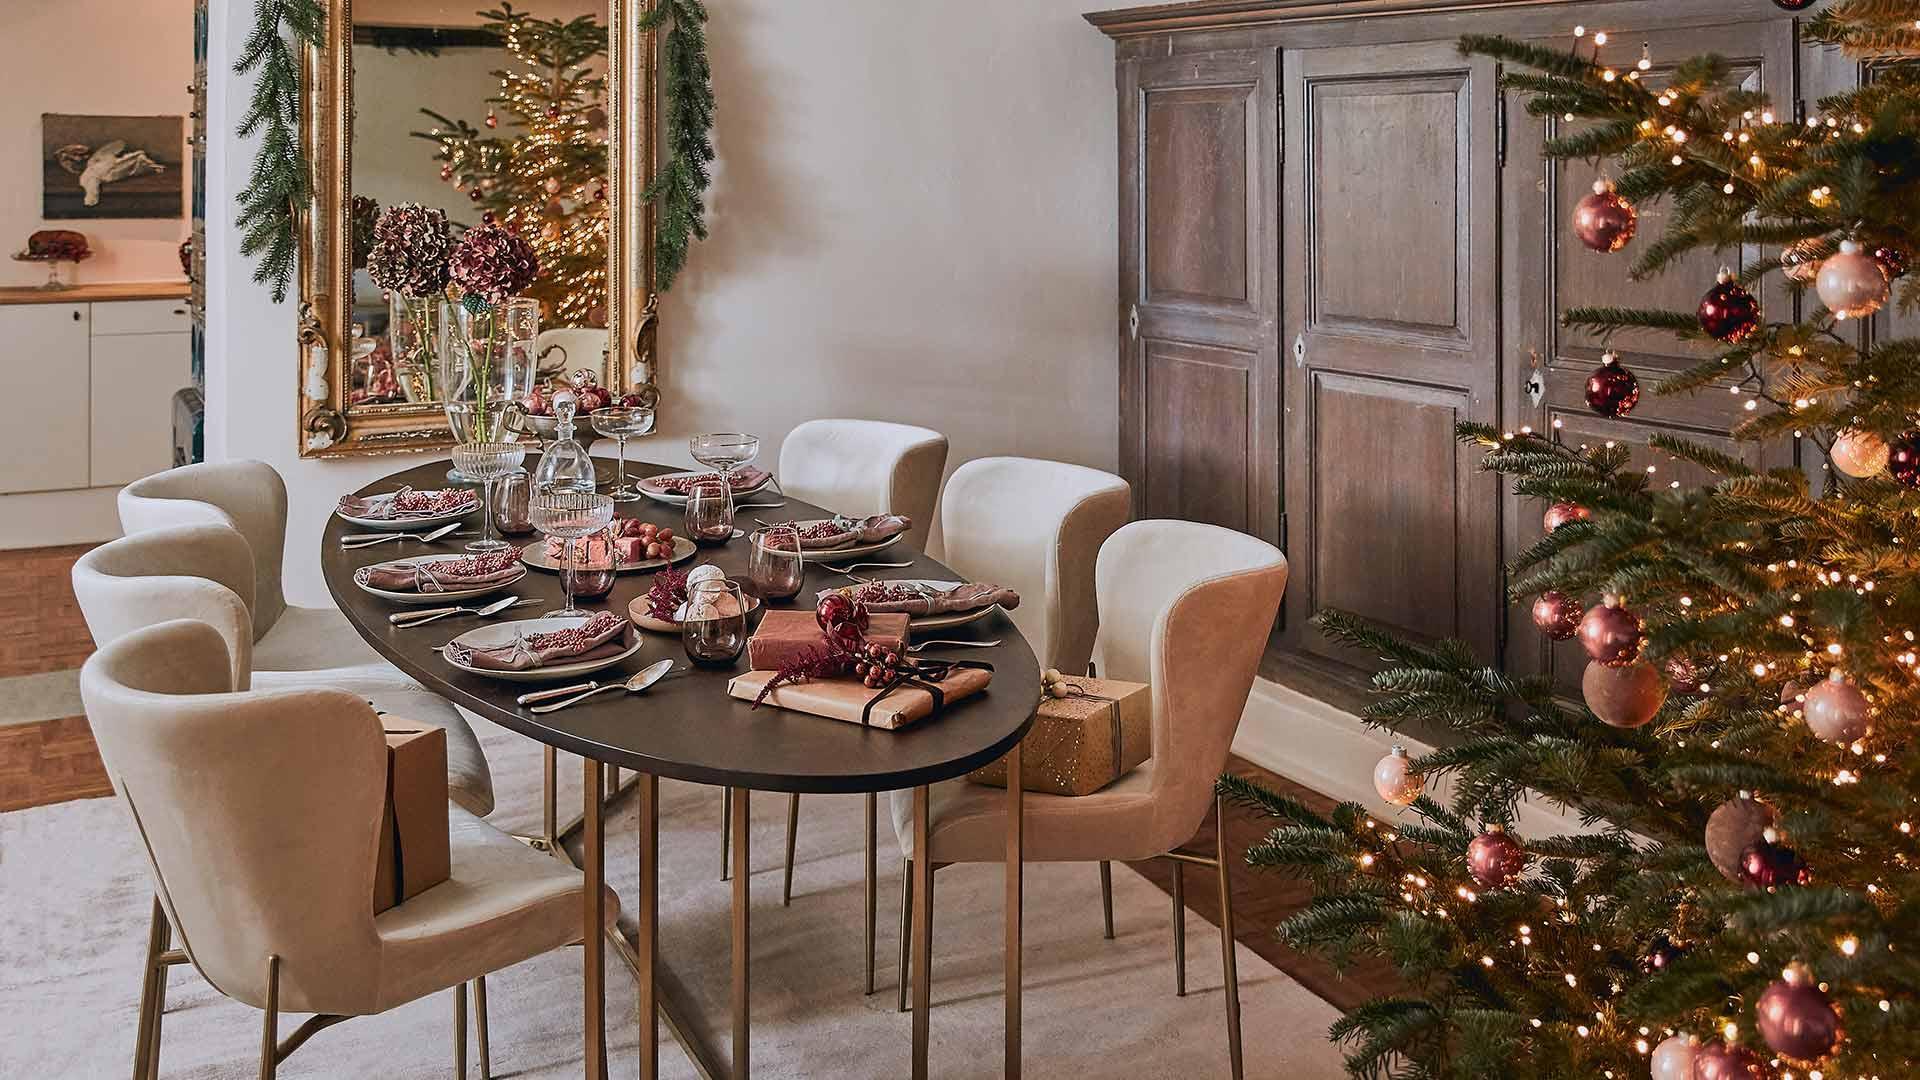 Wnętrze jadalni z drewnianym stołem, beżowymi krzesłami oraz choinką